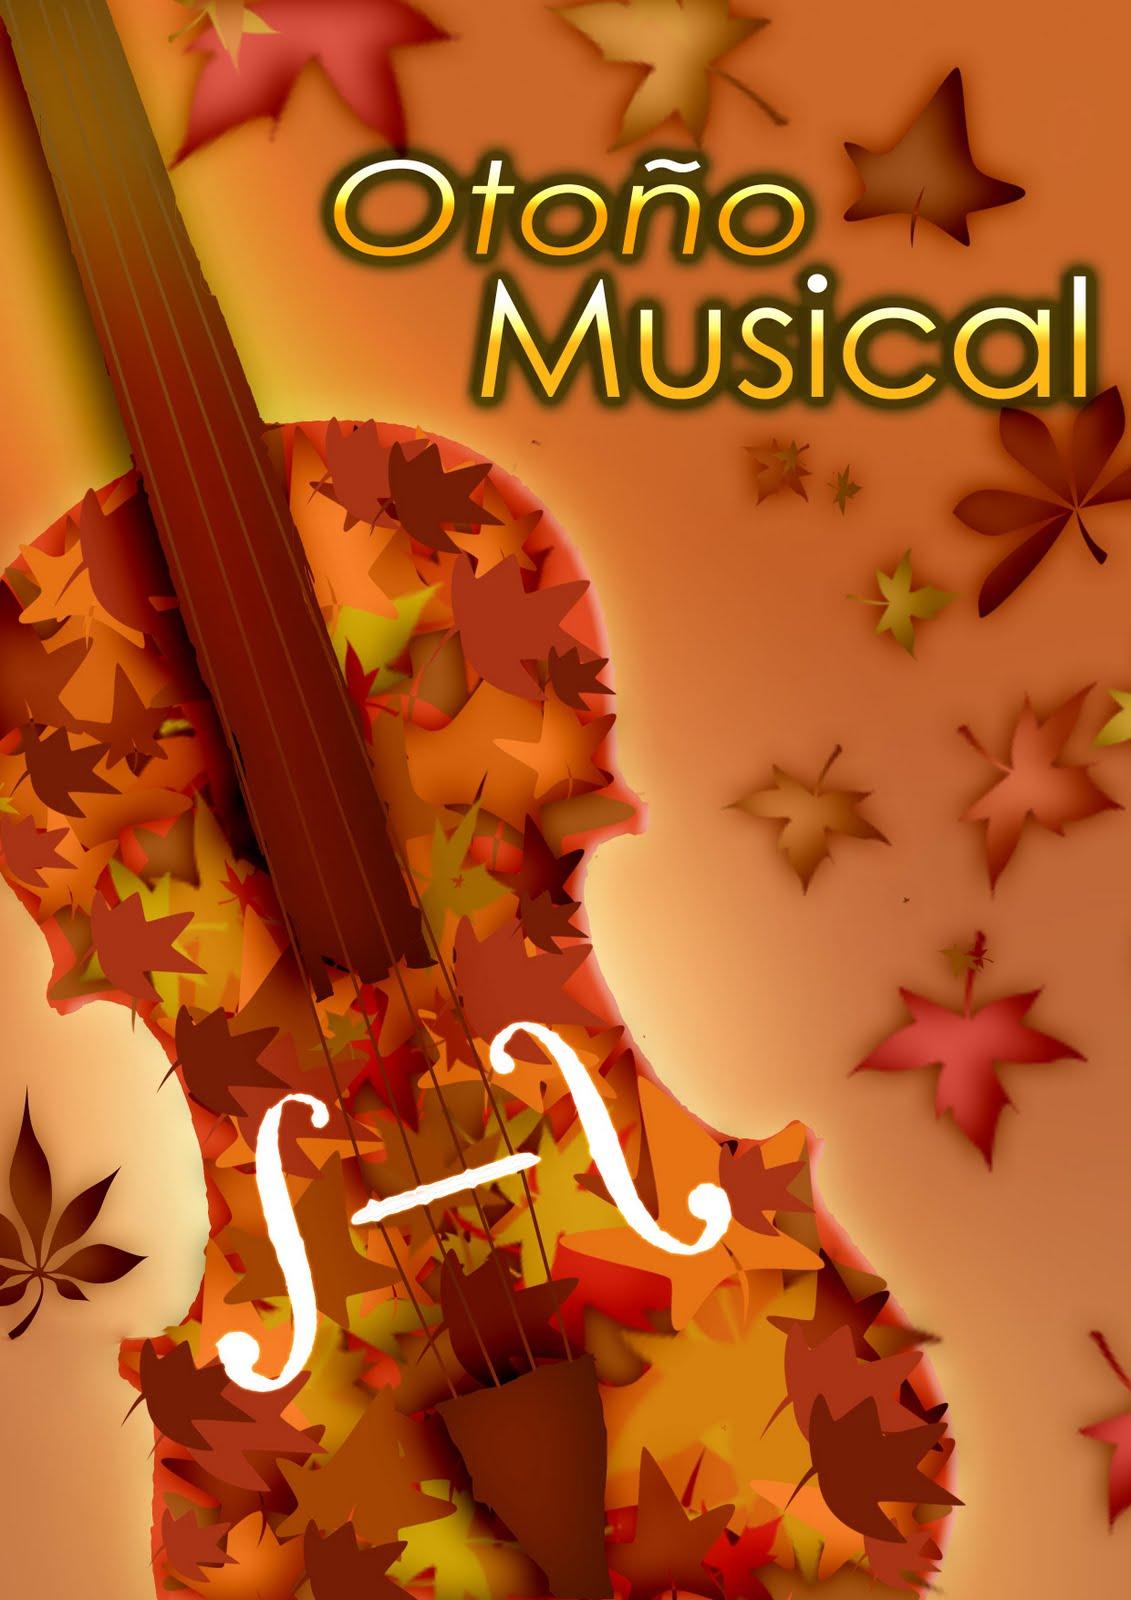 Otoño musical